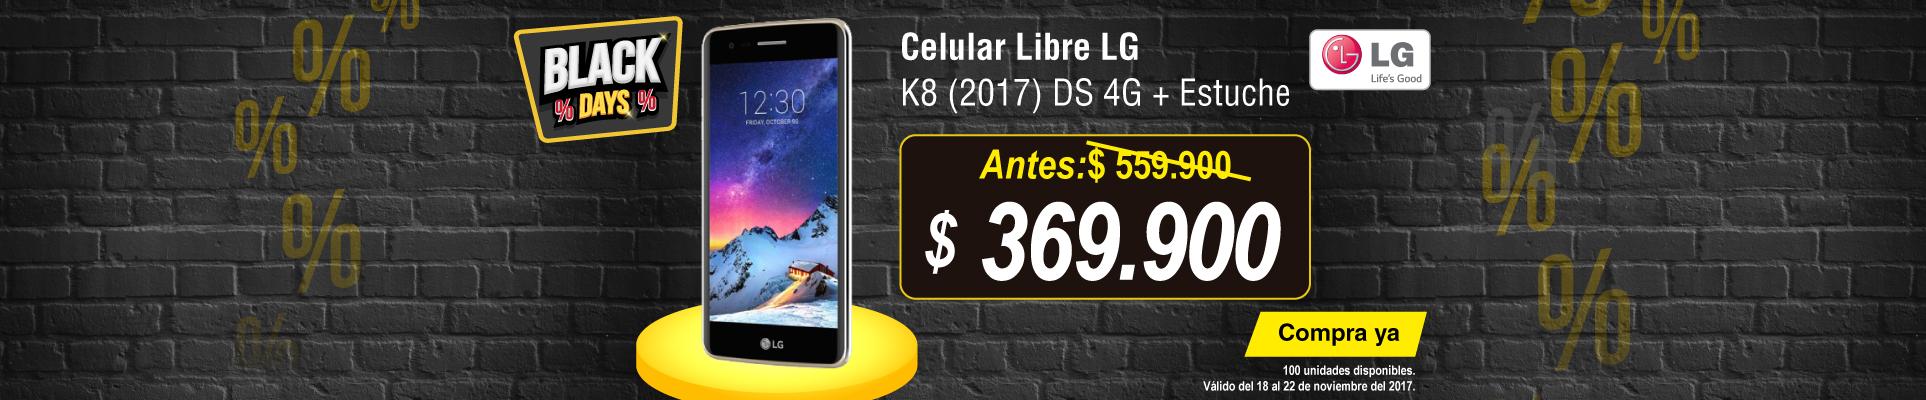 CAT ALKP-6-celulares-Celular Libre LG K8 (2017) DS 4G-prod-noviembre22